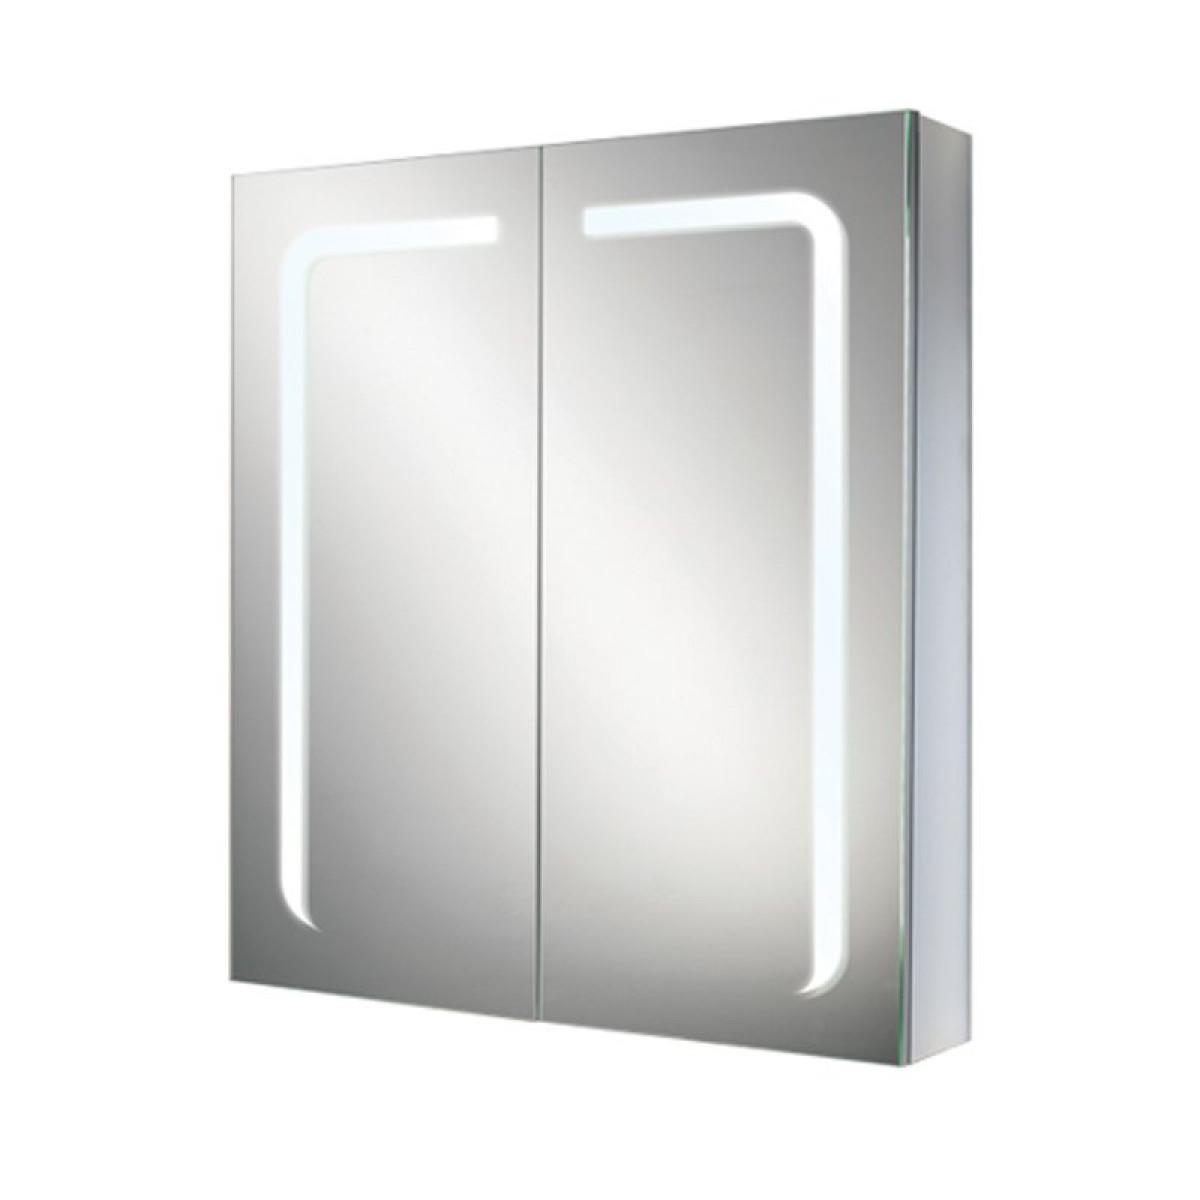 bathroom cabinets hib stratus 60 double door steam free cabinet